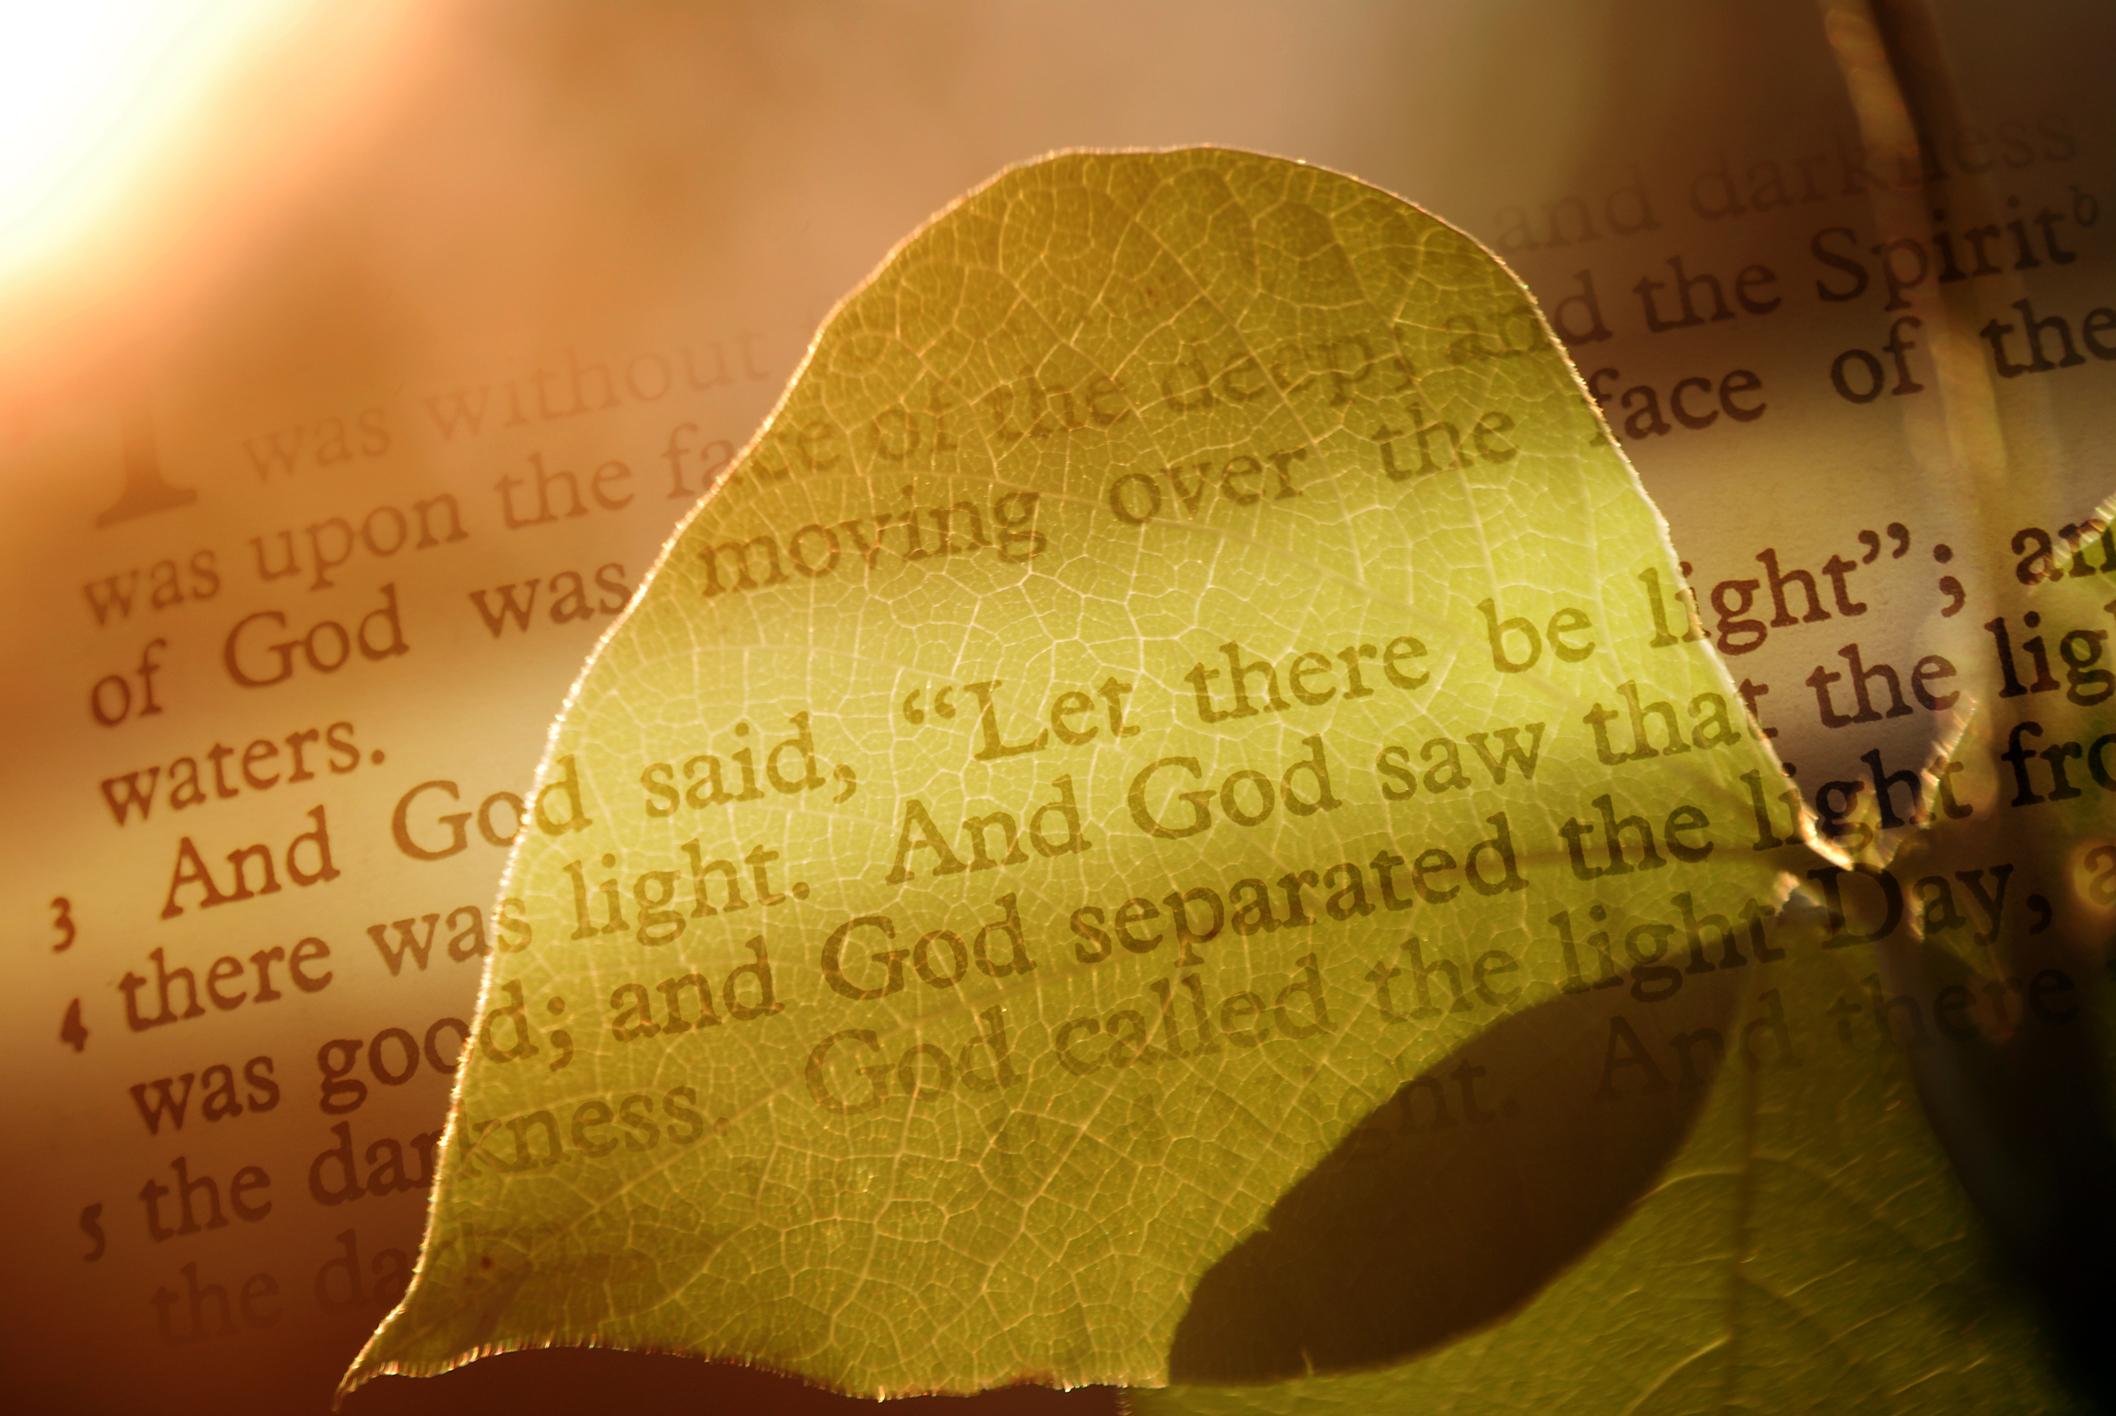 פרשת בראשית בראי פילוסופי